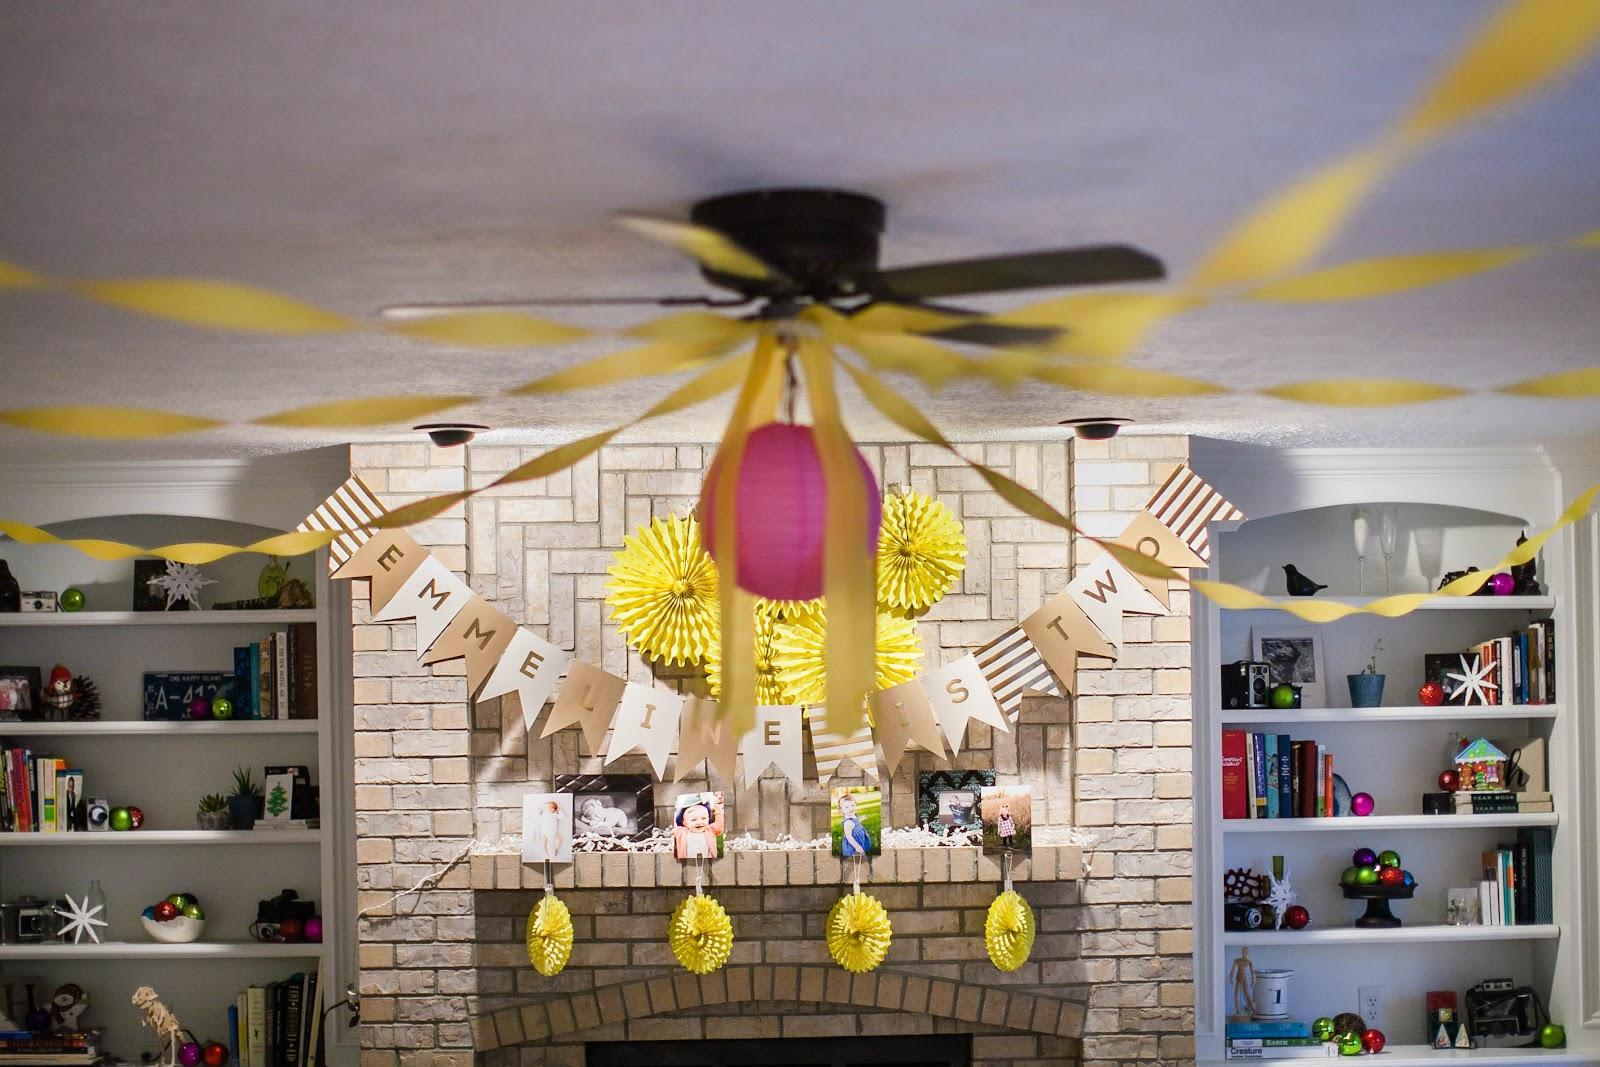 streamers on ceiling fan | theteenline